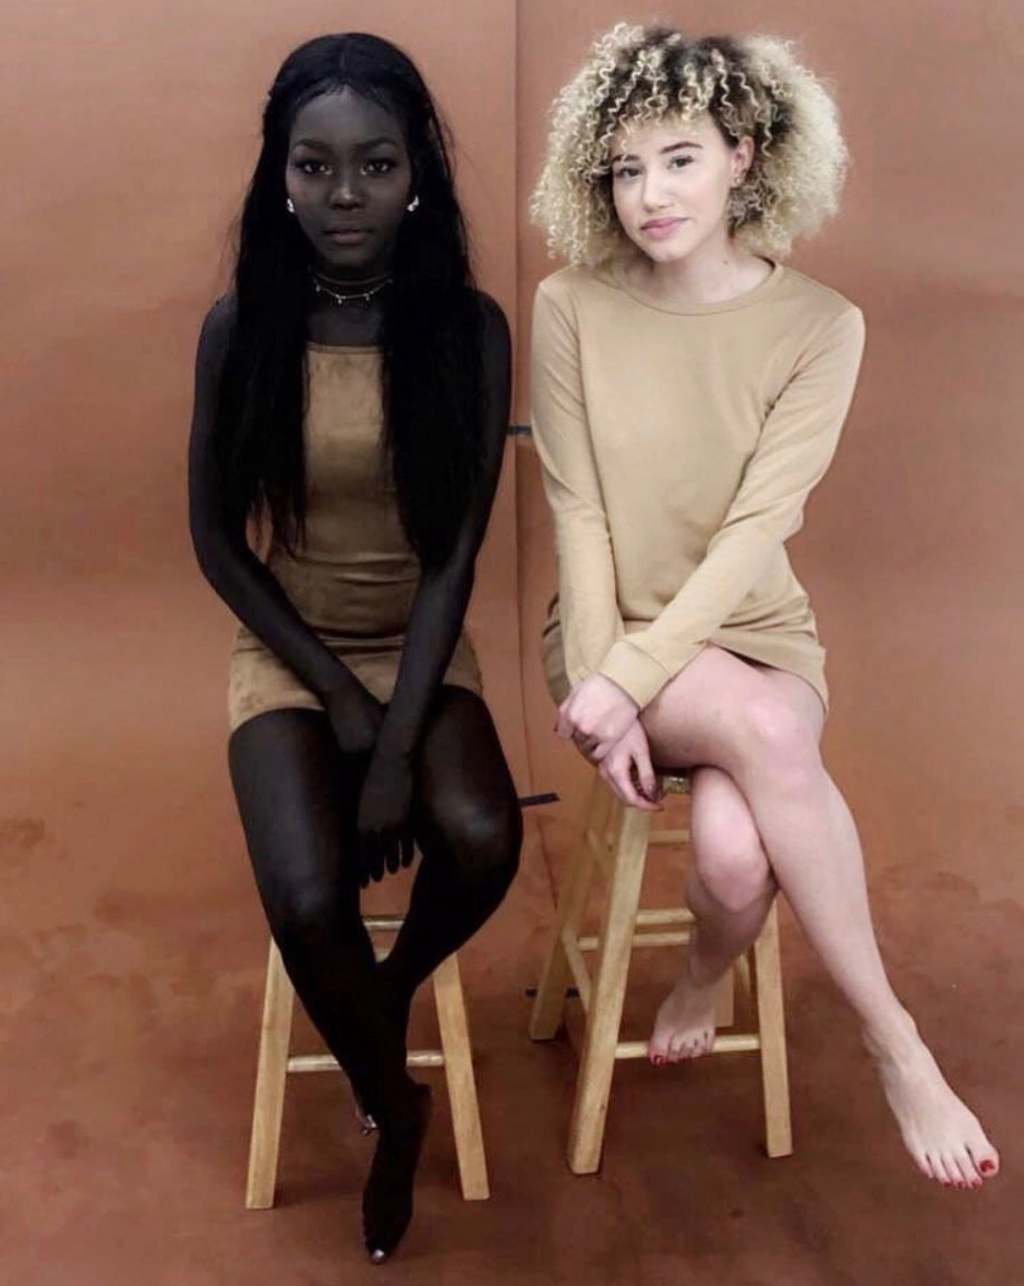 Son los Sursudaneses las personas con la piel más oscura del mundo? Nyakim13